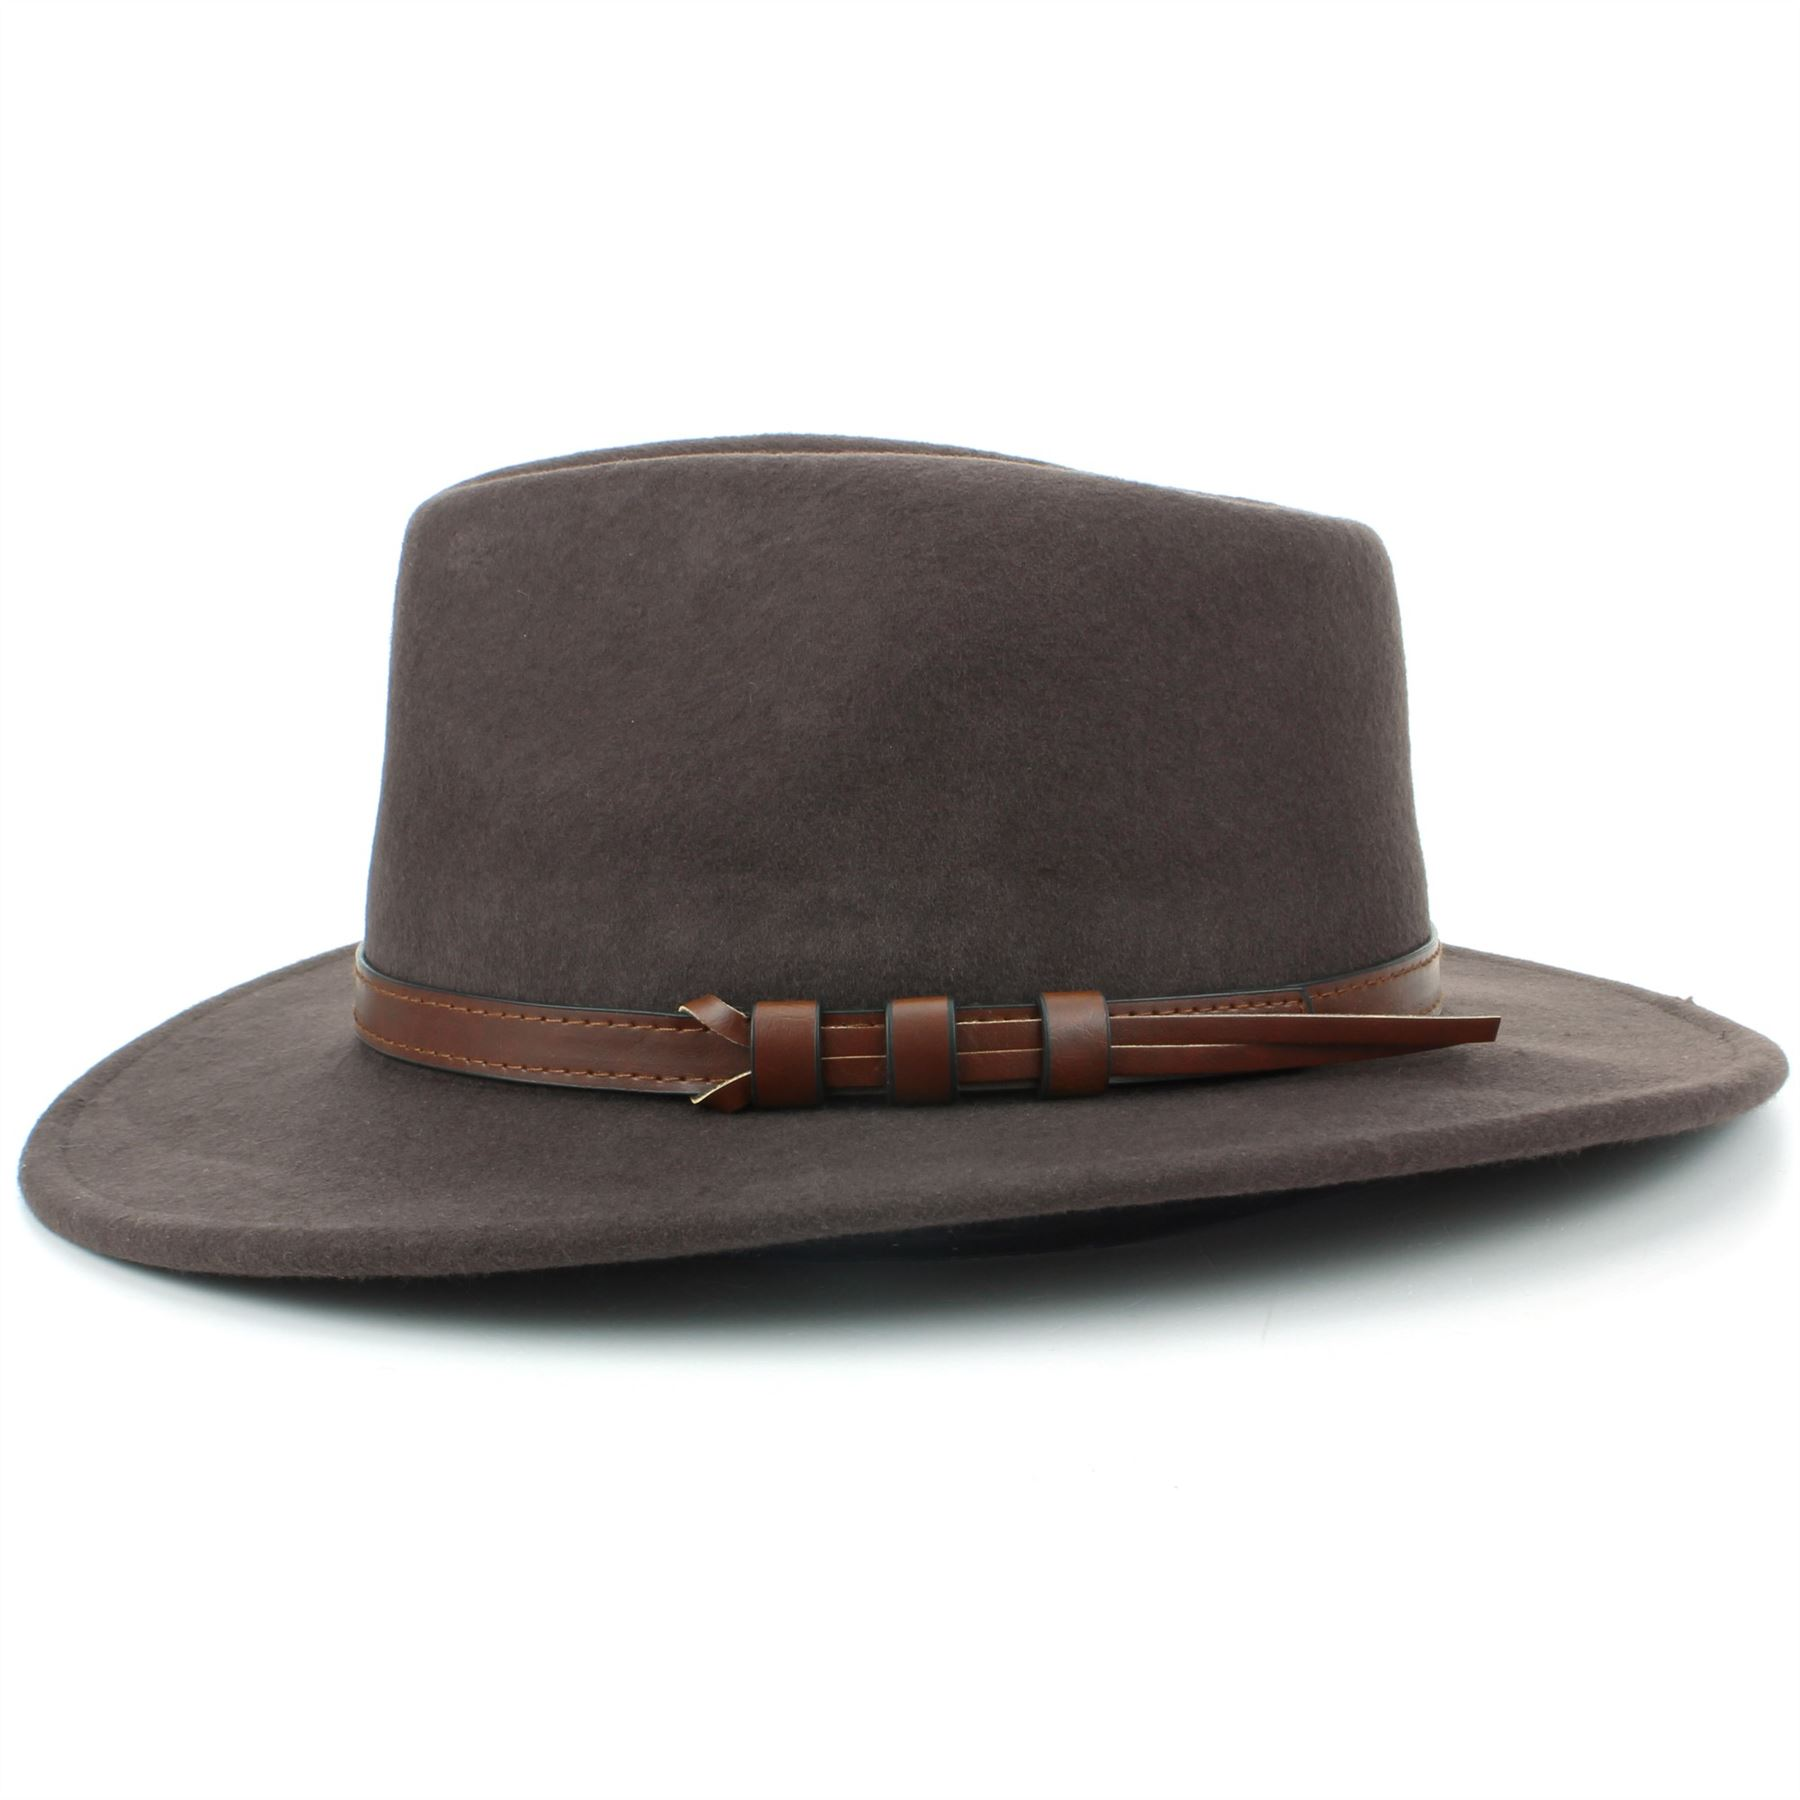 Cappello Fedora Lana Nero Marrone Hawkins di Feltro con Falda Donna ... 38864604a38d